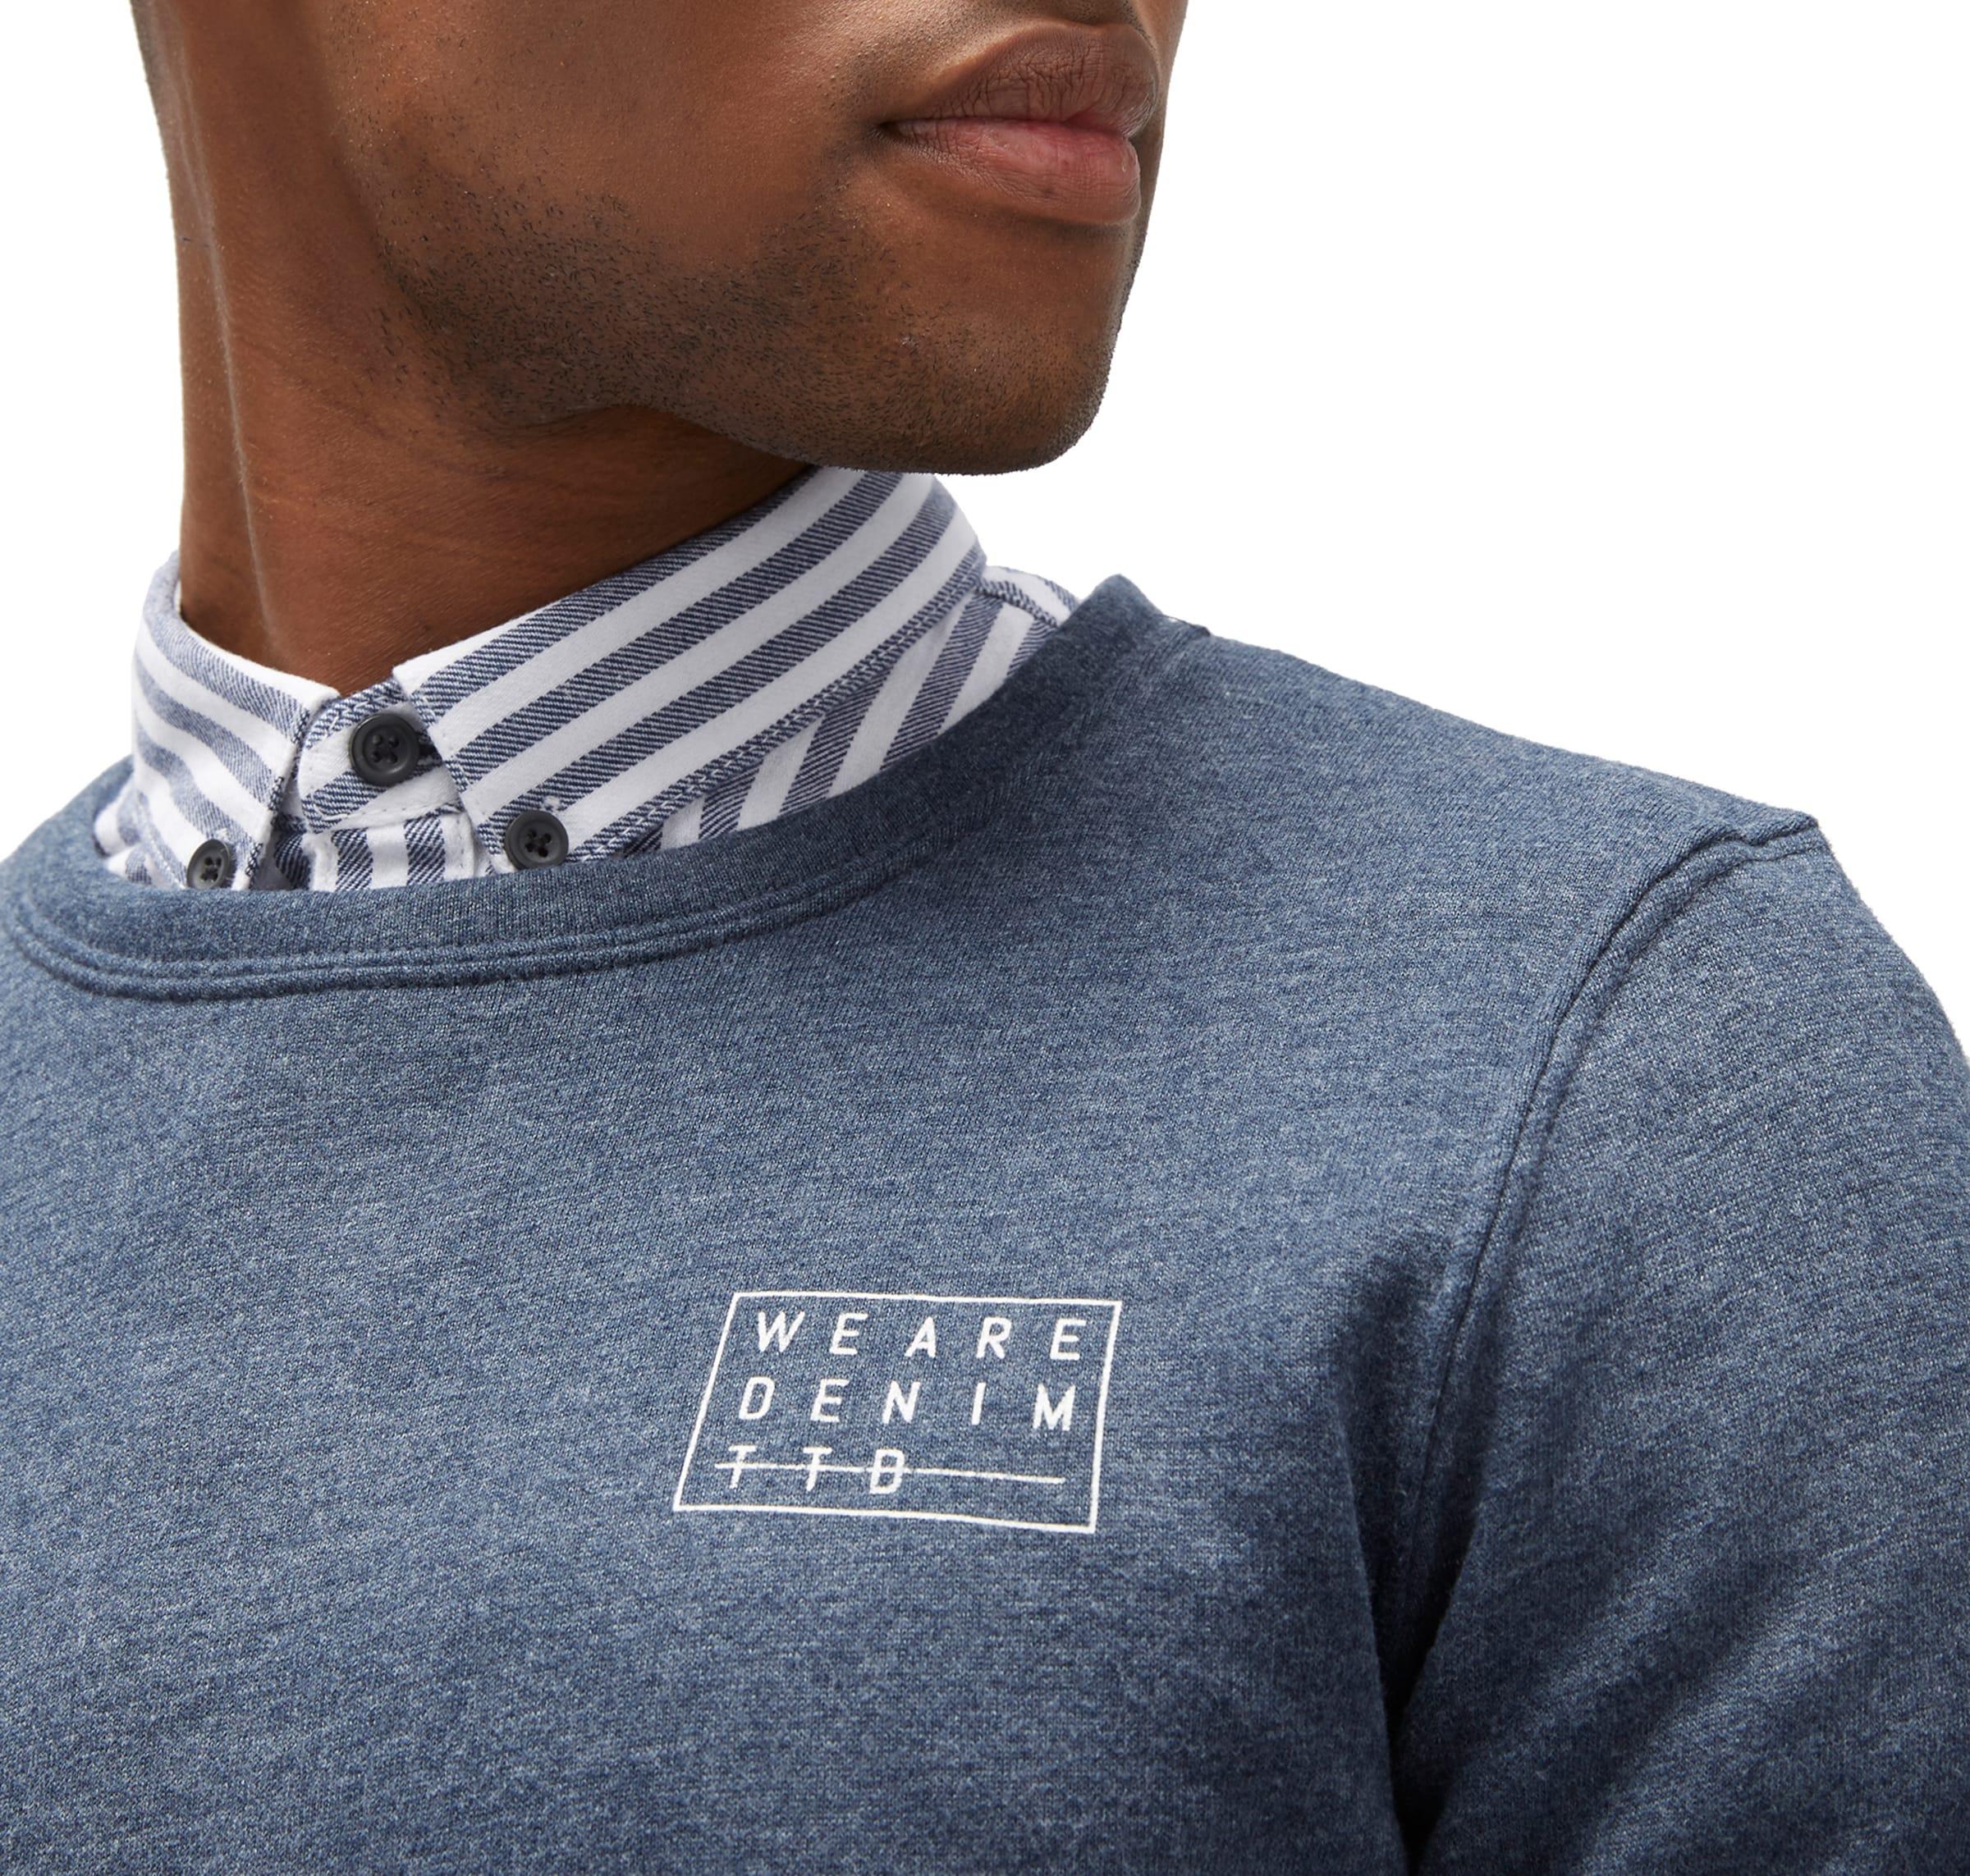 Verkauf 2018 Unisex TOM TAILOR DENIM Sweat Langarmshirt mit Schriftzug Großer Verkauf Online Echt Gemütlich QEoZi9CVb